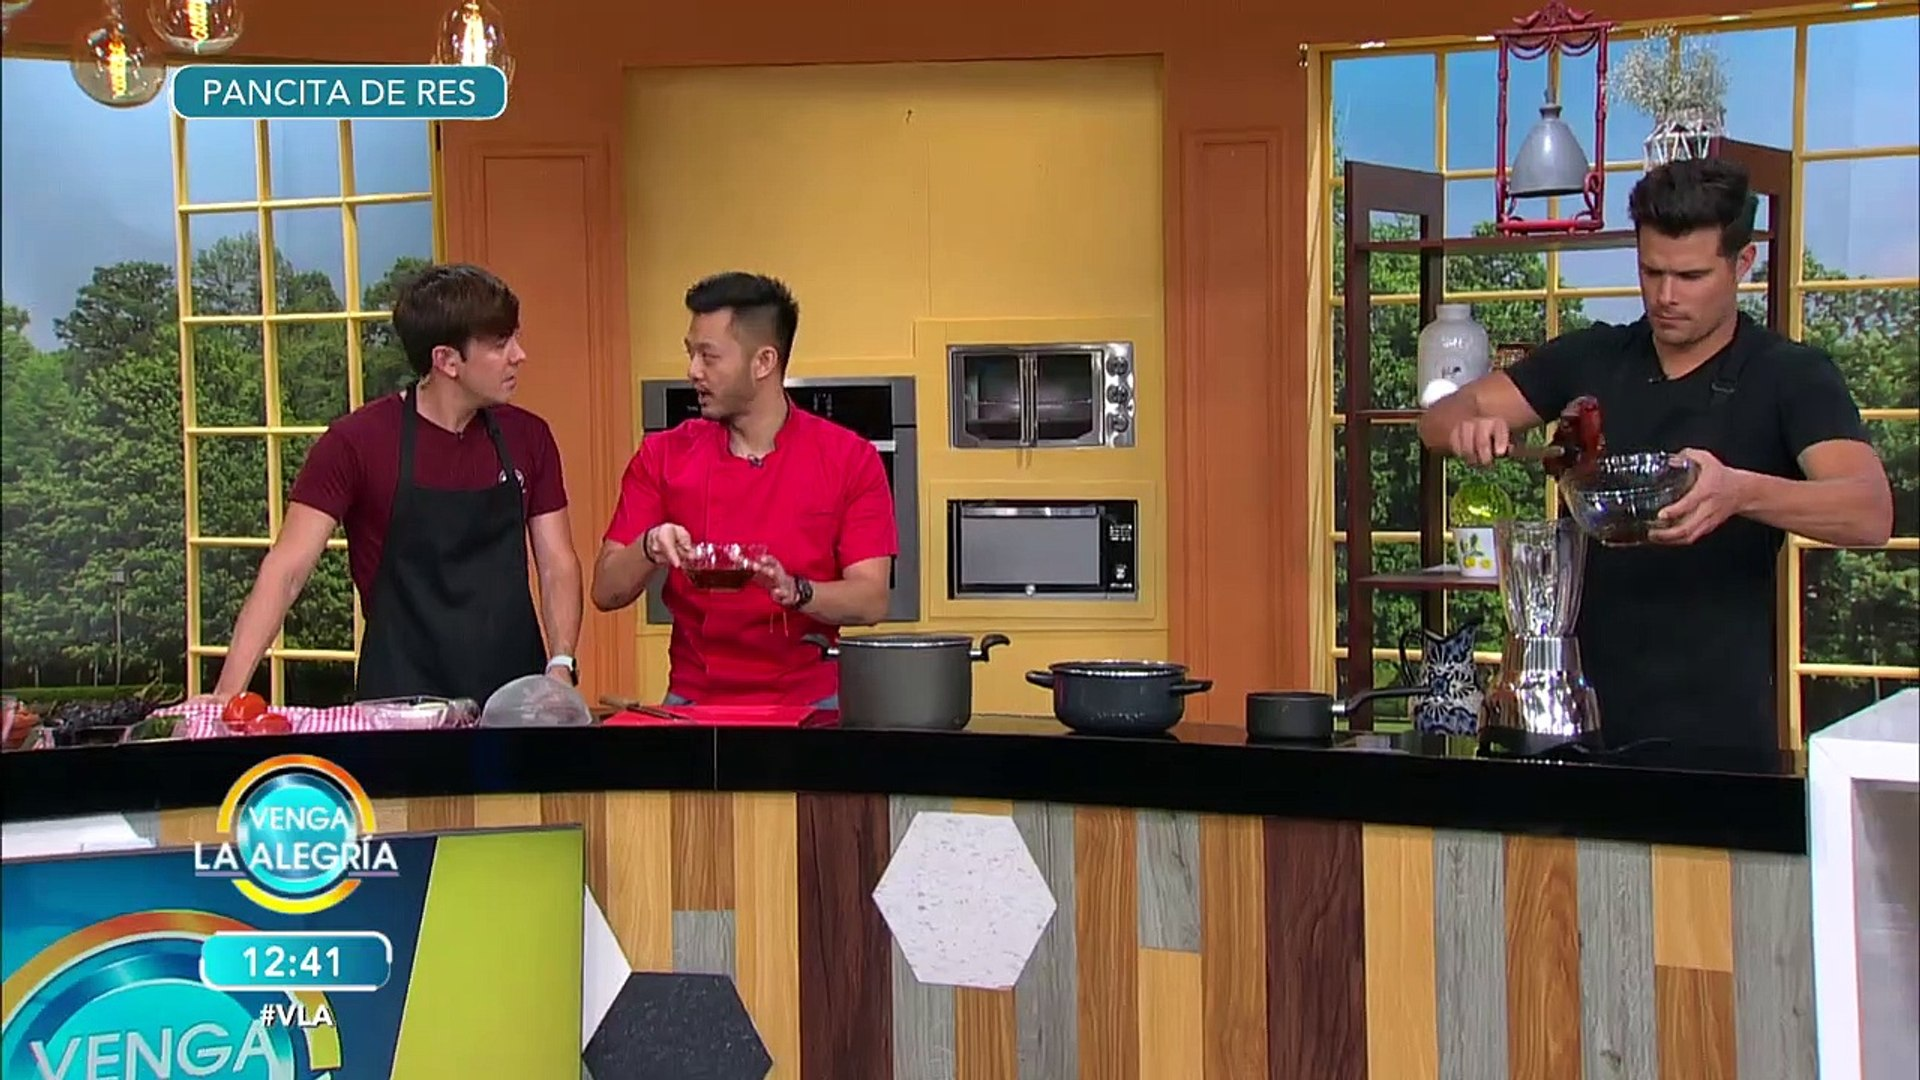 ¡Aprende a preparar una Pancita de res con la receta especial de 'El Chino'! | Venga La Al